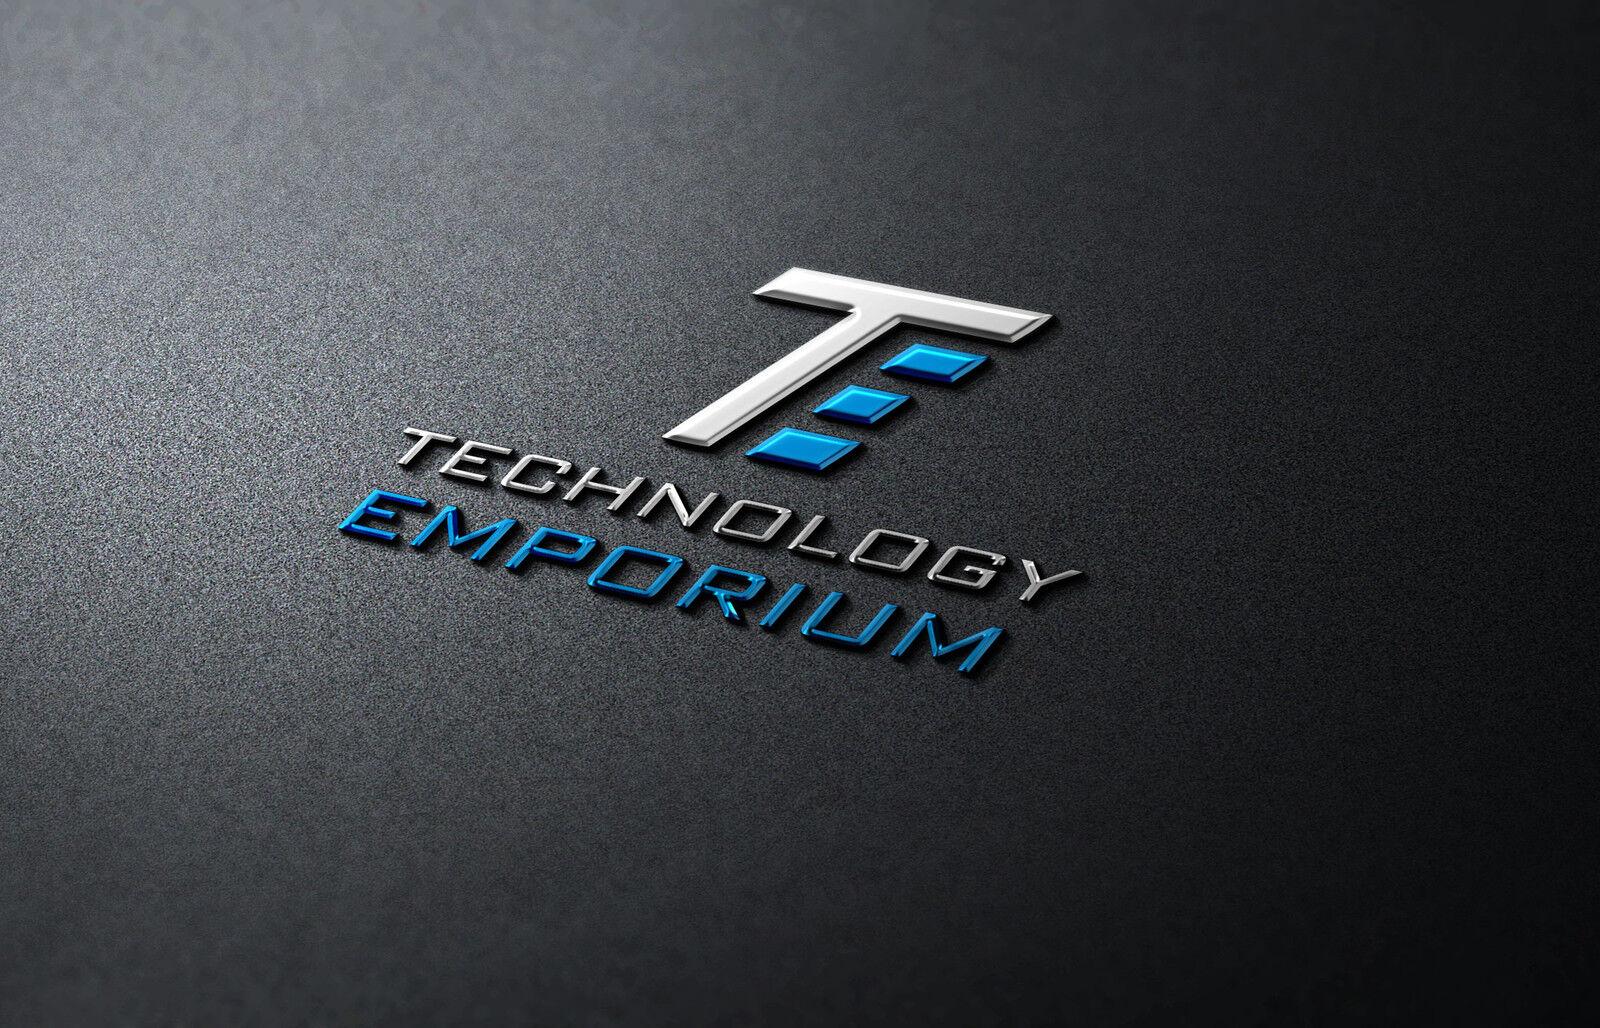 technologyemporiumltd